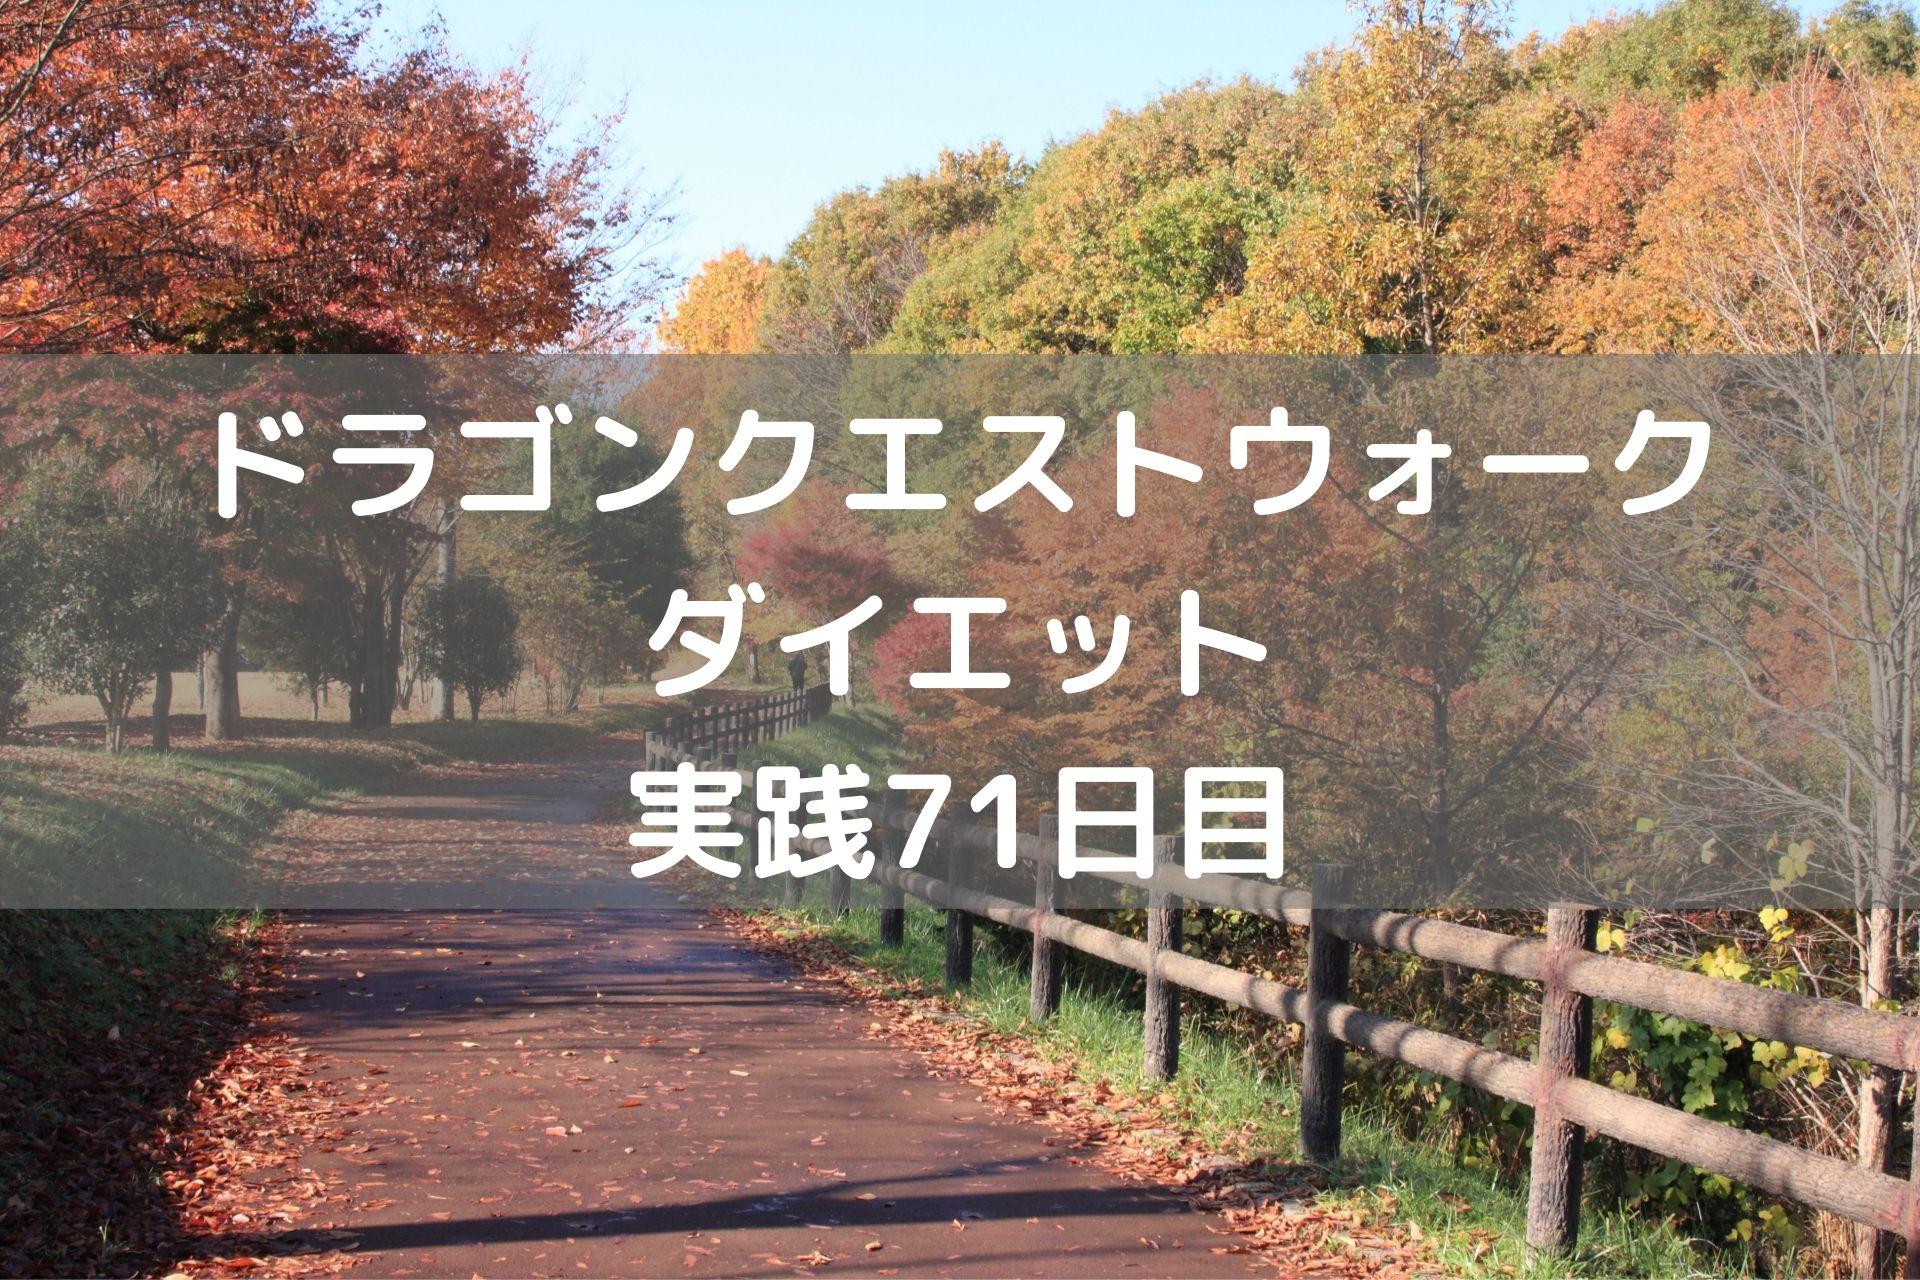 かっちゅうアリ しぐさ開放!! 【DQウォーク実践71日目】